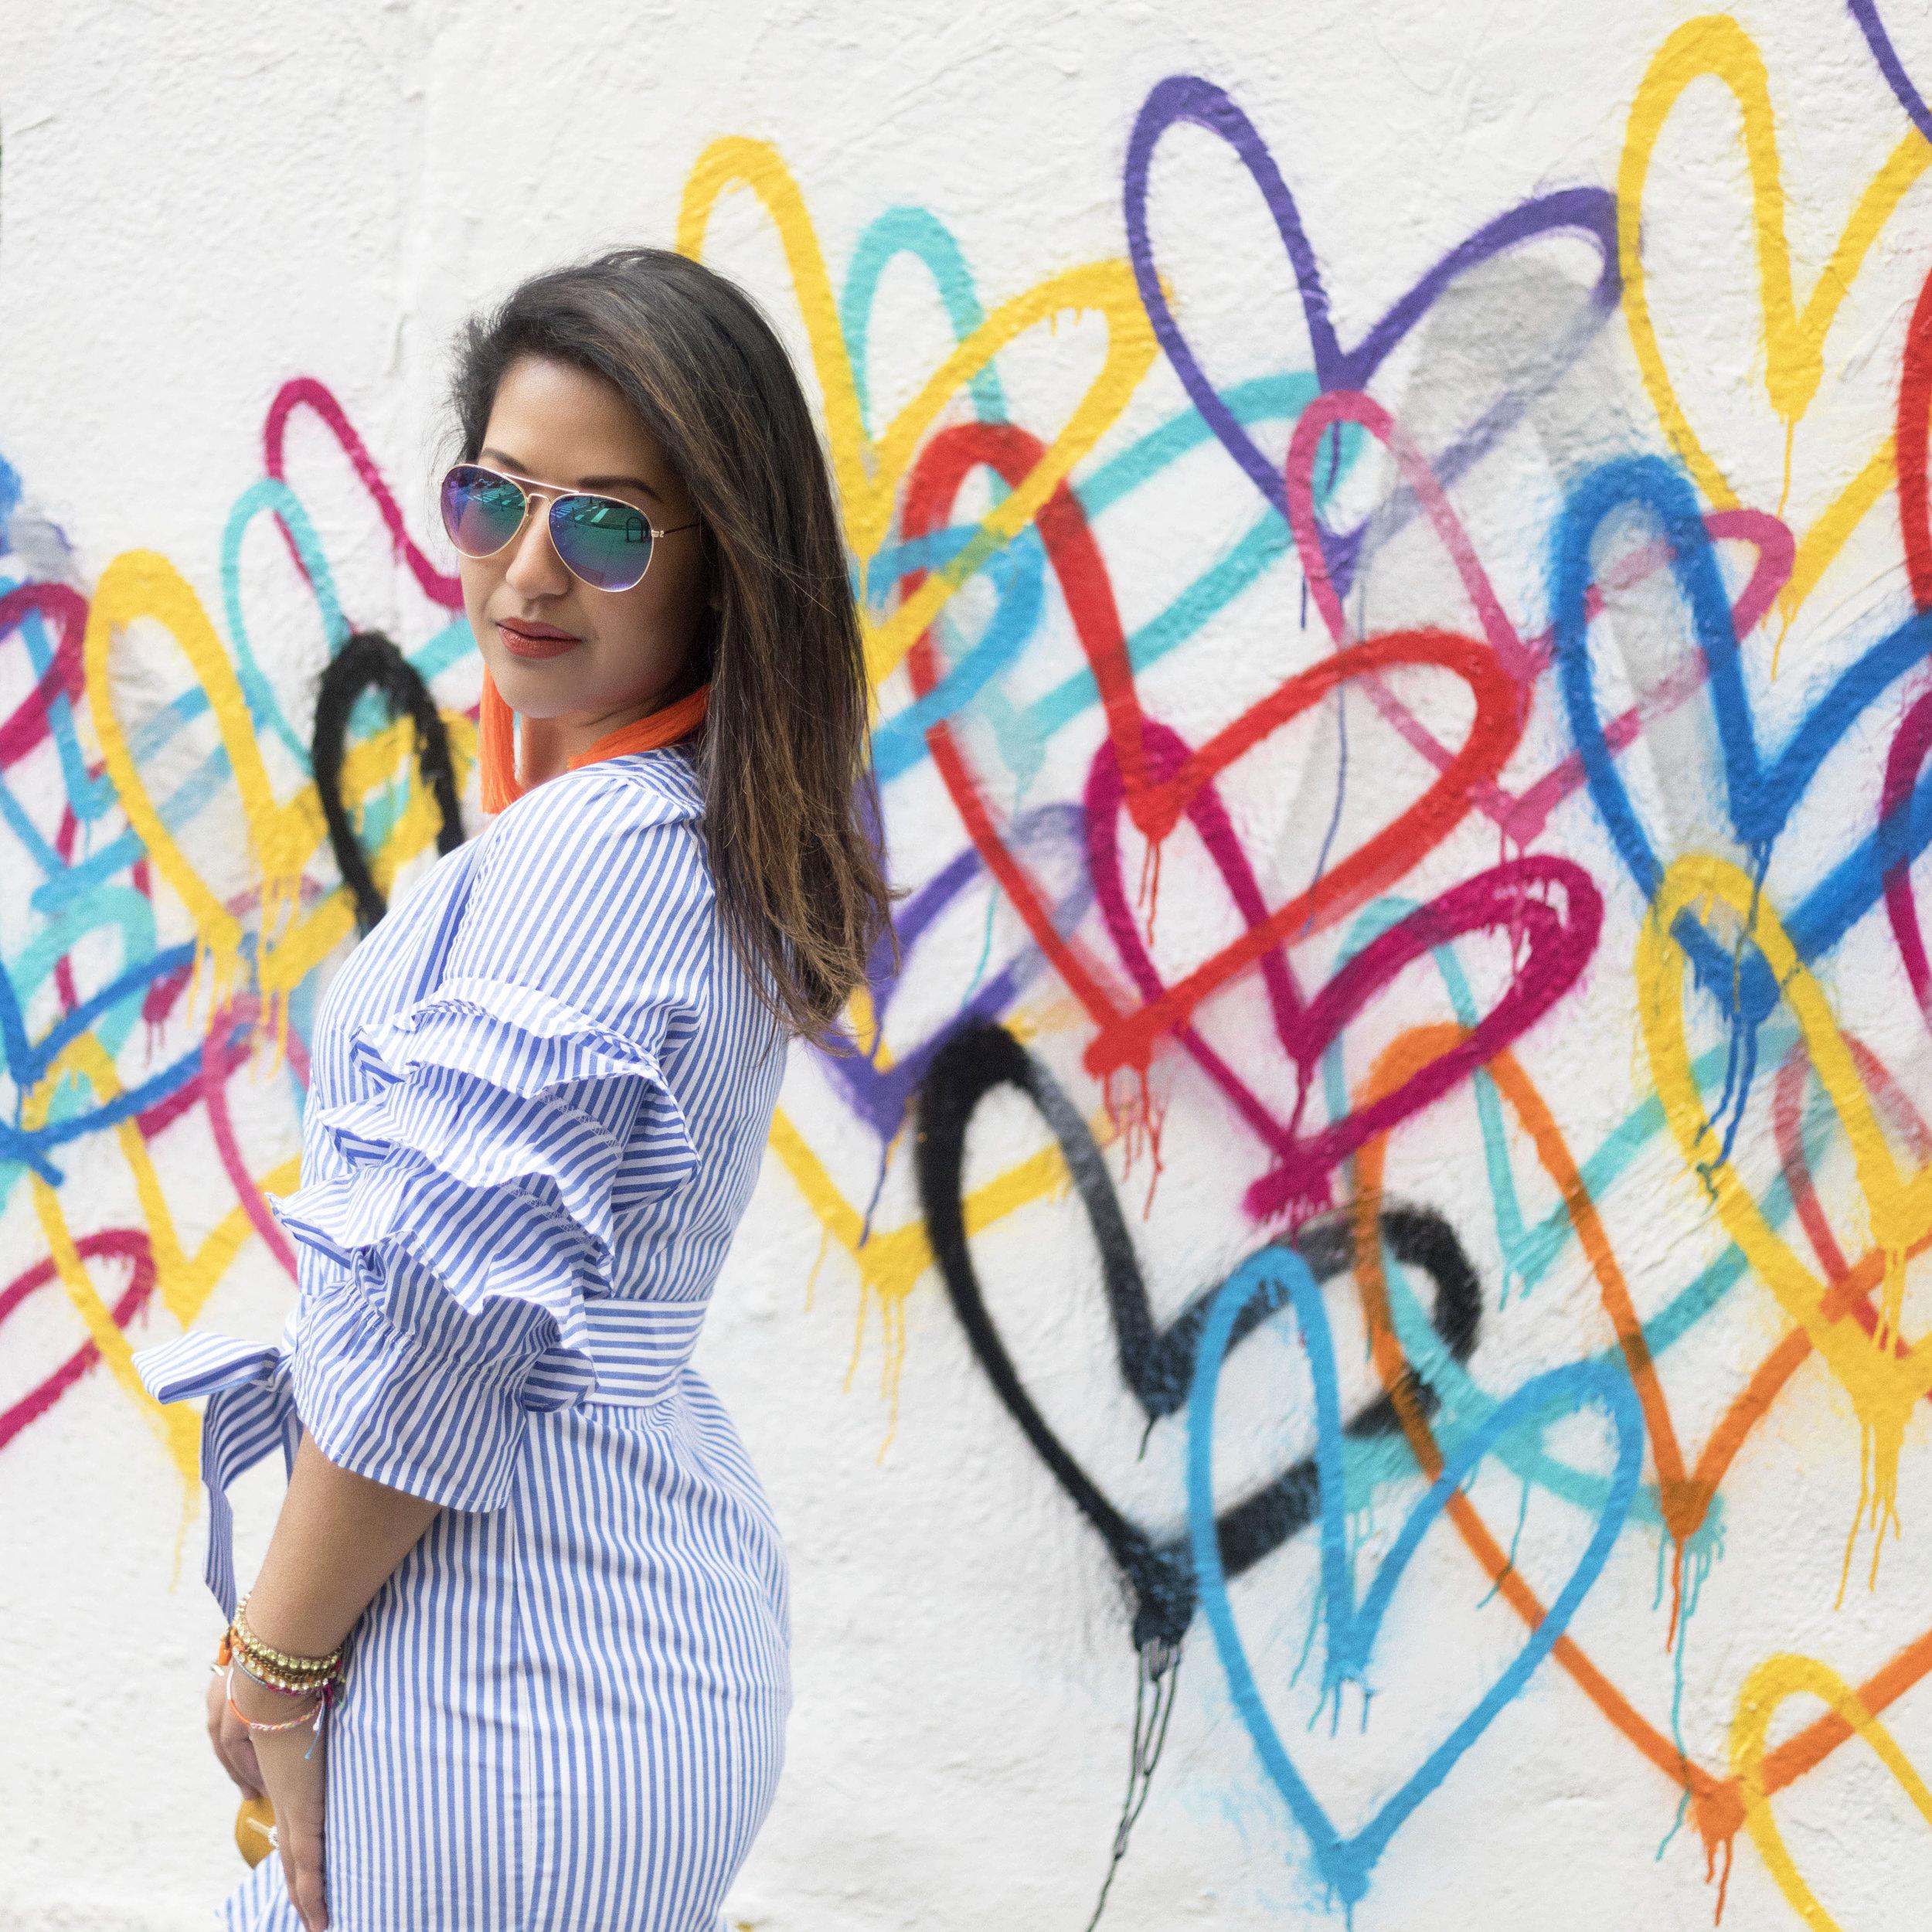 Krity S x SheIn x Stripe Spring Dress